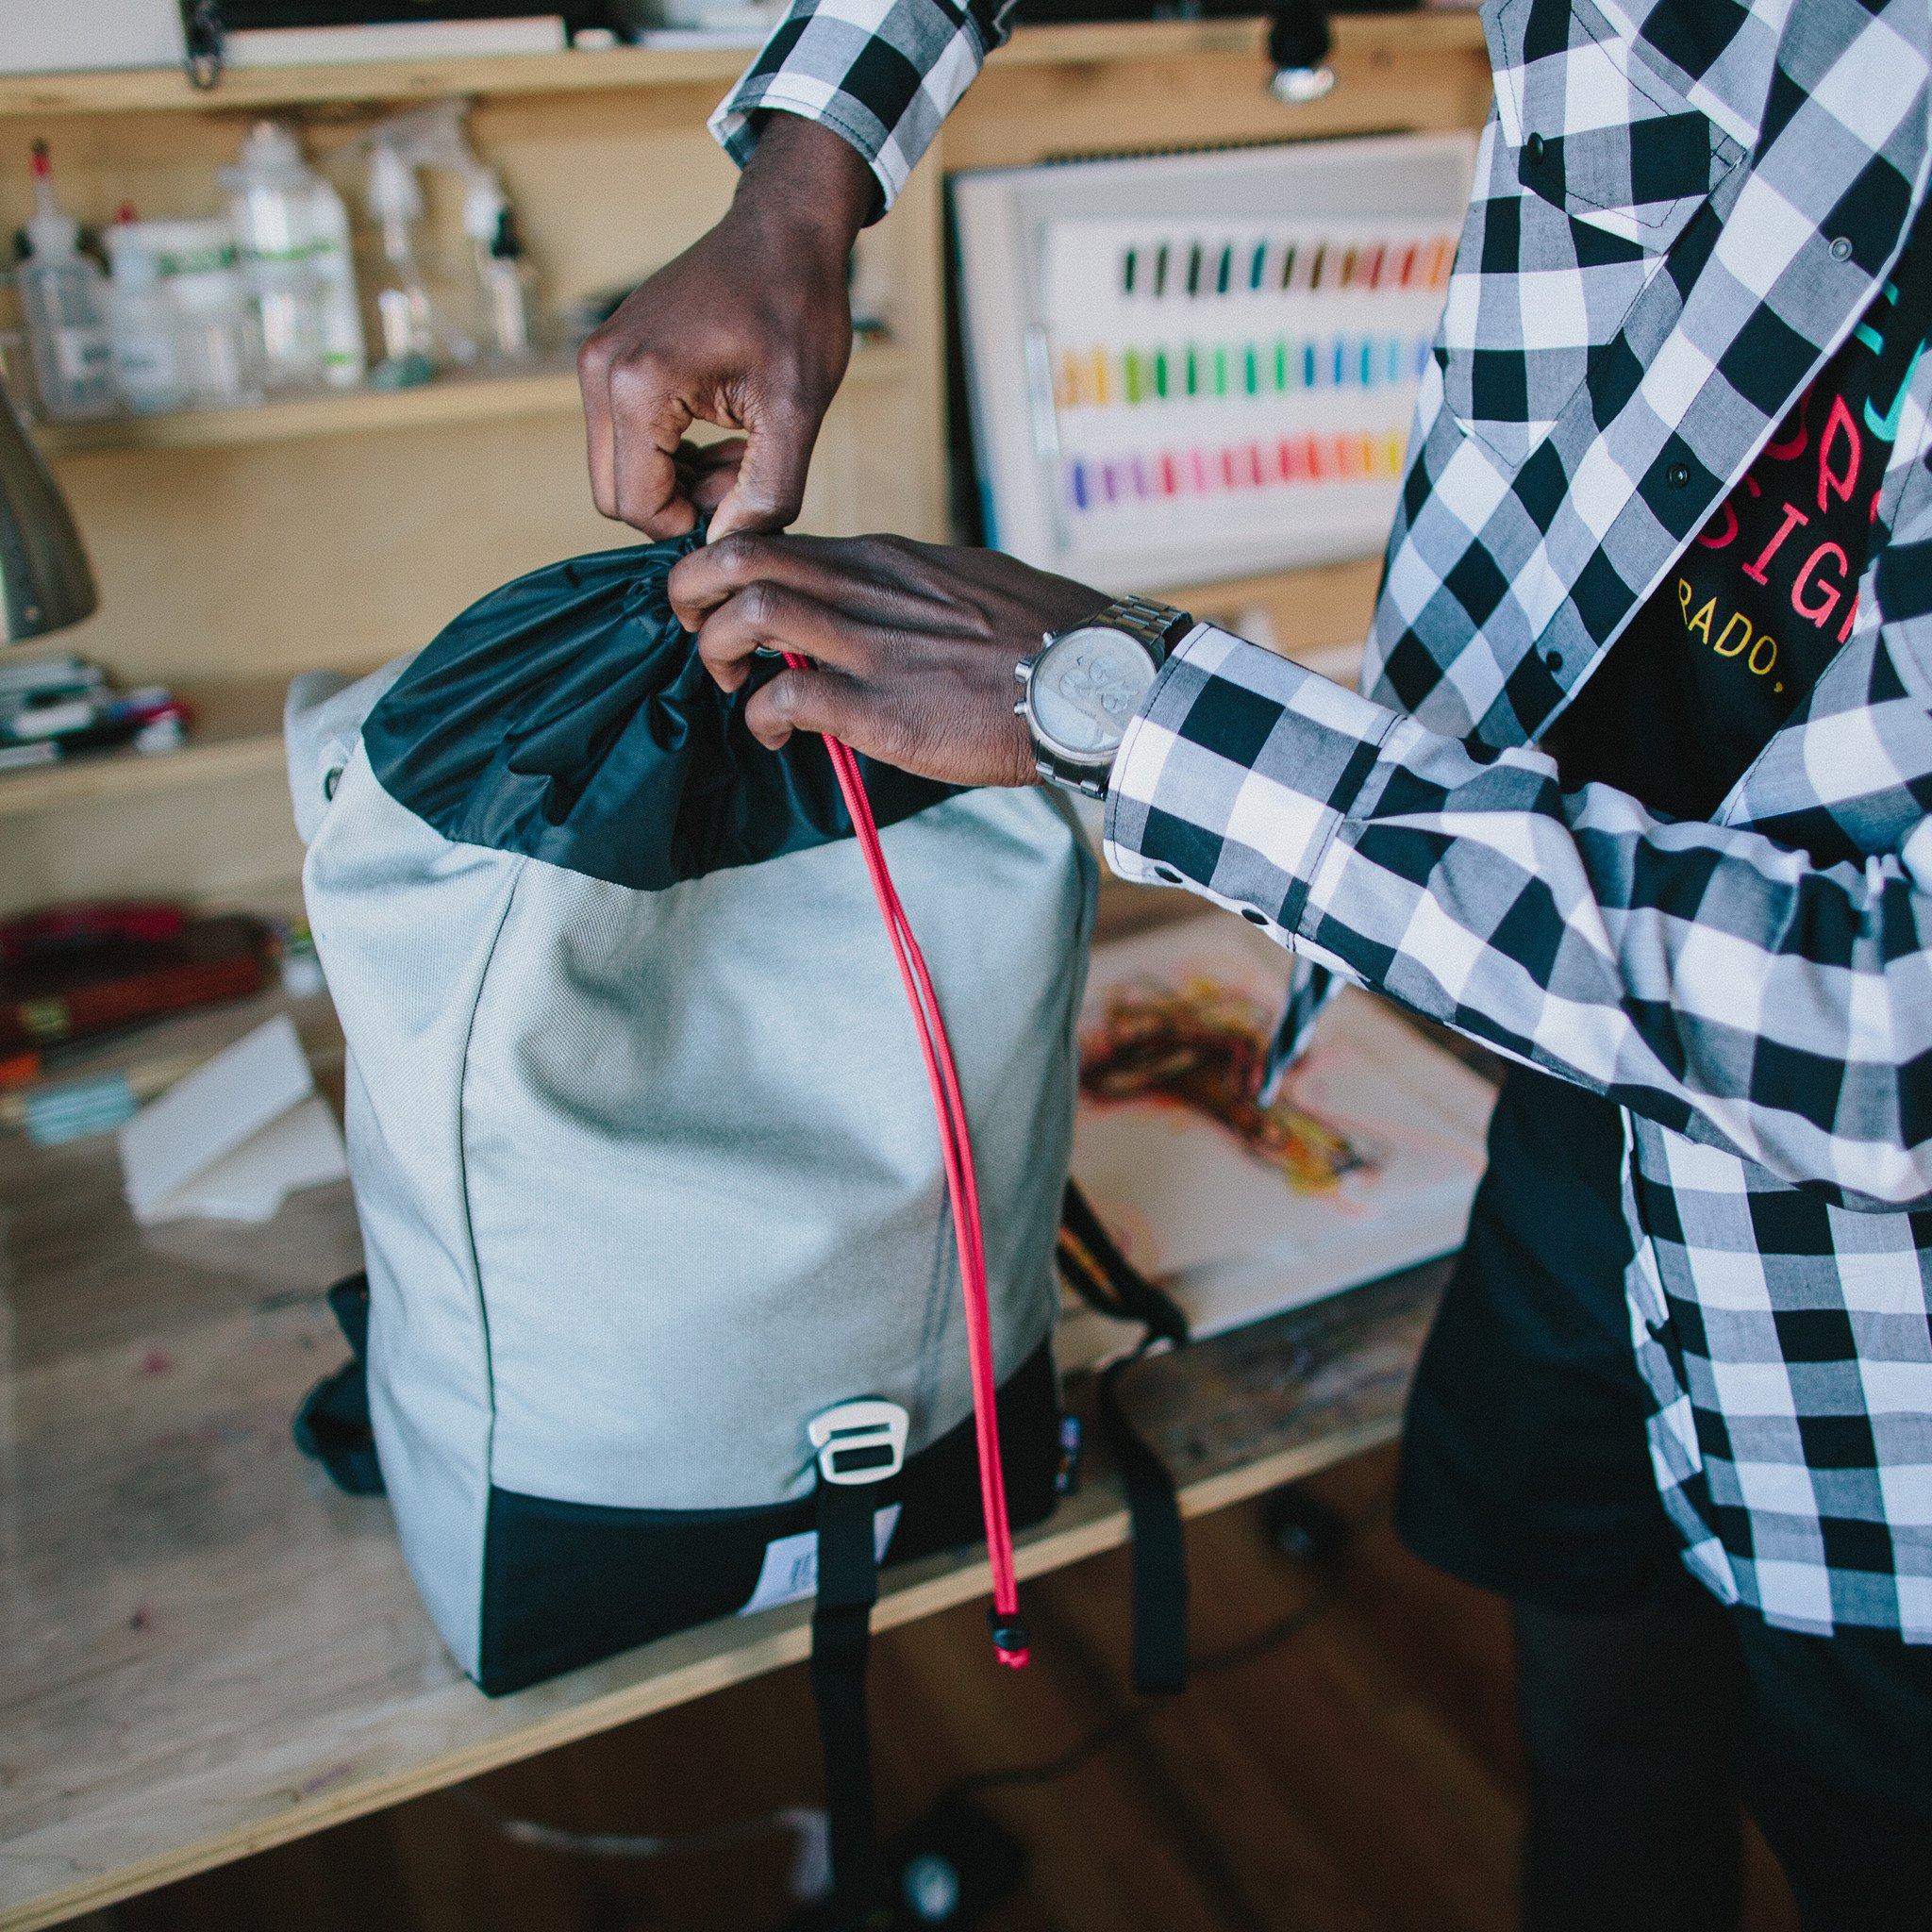 bags-y-pack-12_2048x2048